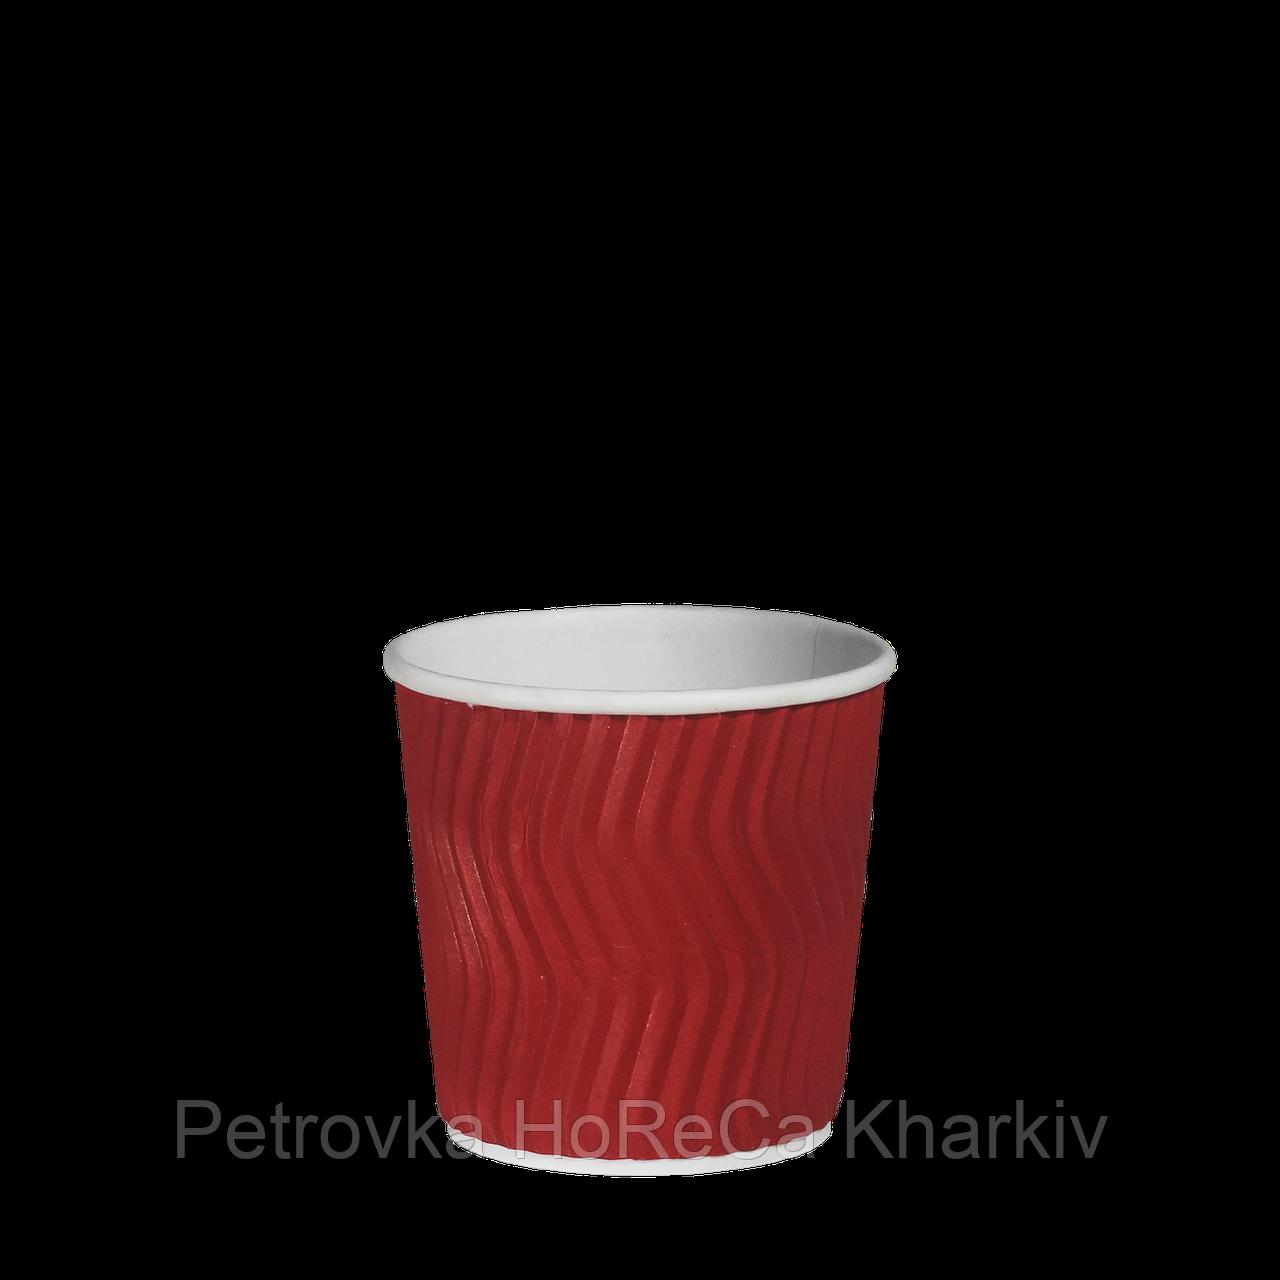 Одноразовий стакан гофрований, серія Червоний хвиля 110мл. 20шт/уп (1ящ/40уп/800шт)